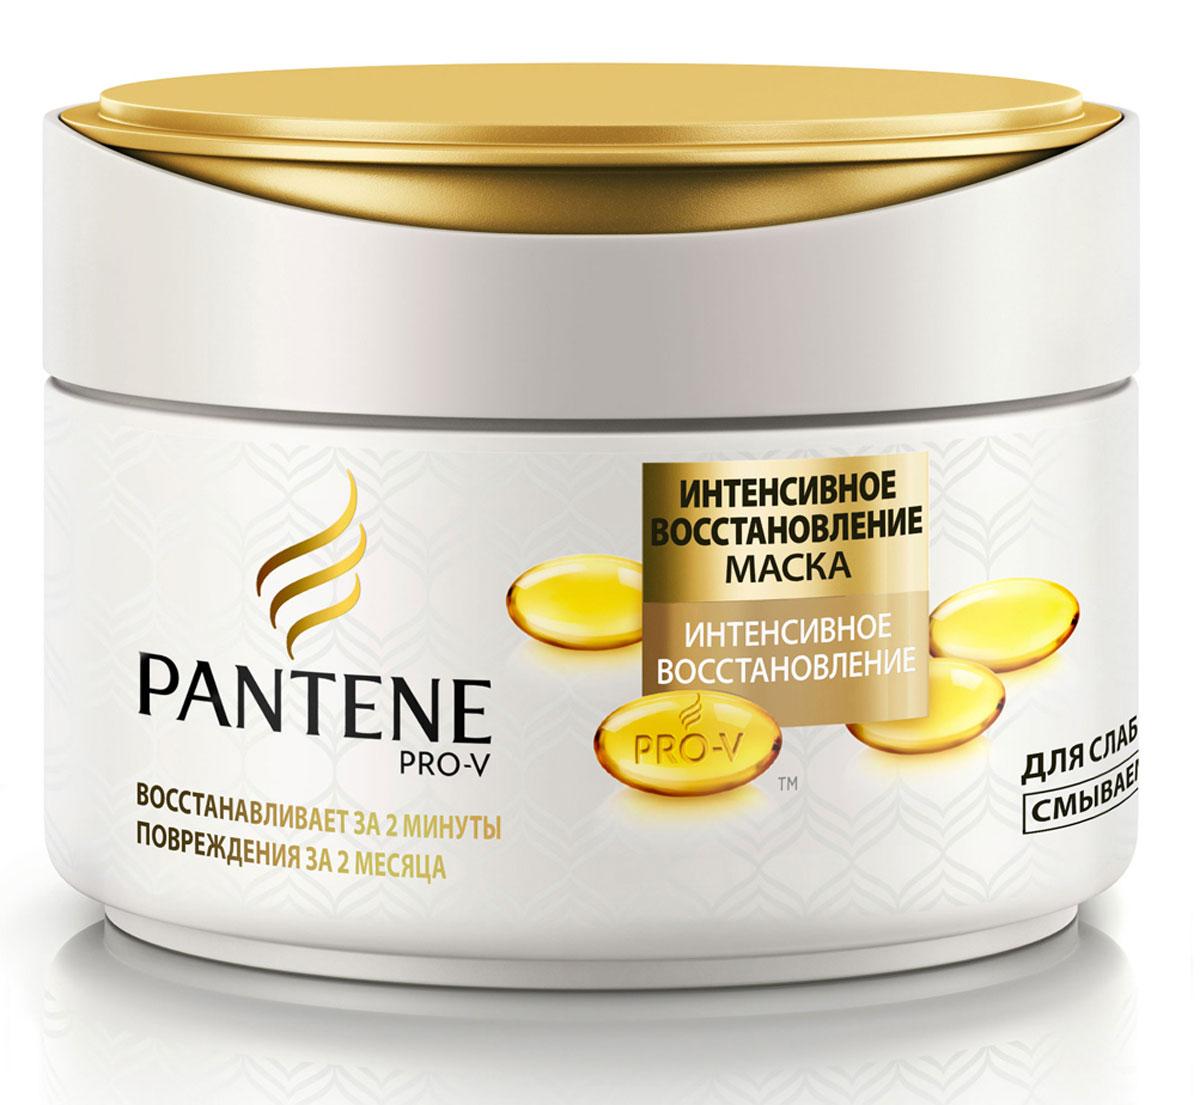 Pantene Pro-V Маска для волос Интенсивное восстановление, 200 млFS-00897Маска для волос Pantene Pro-V Маска для волос Интенсивное восстановление - это питательная коллекция с активными частицами ухаживает за волосами,обеспечиваяинтенсивное восстановление и придавая волосам здоровый вид и блеск.